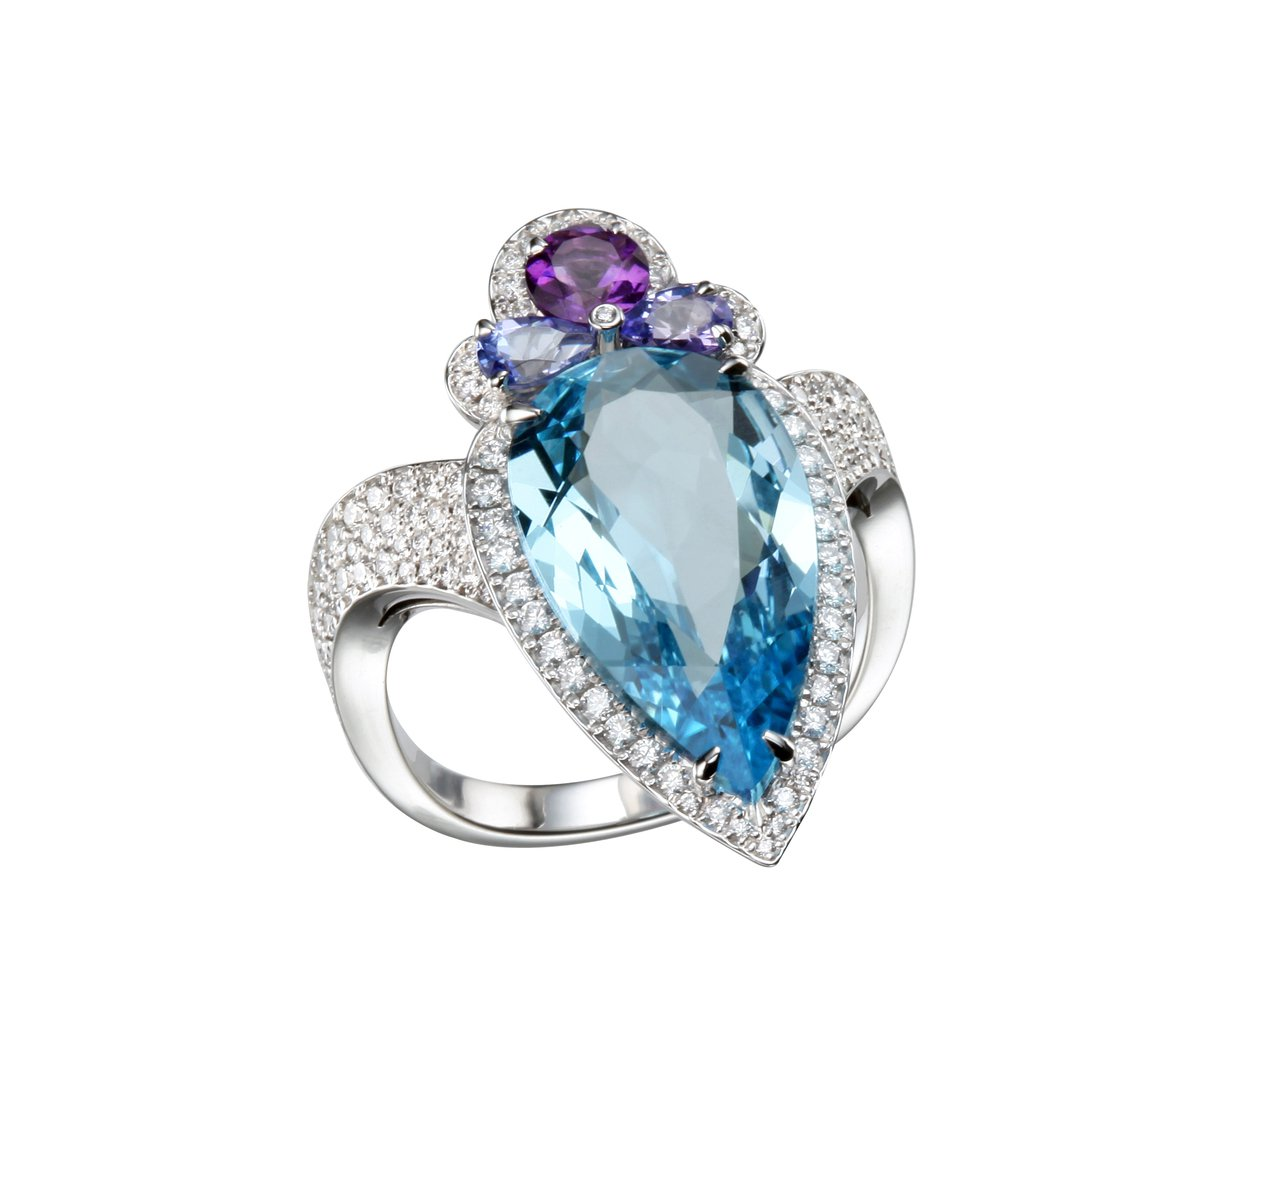 Temptations系列戒指,18K白金鑲嵌6.55克拉梨形切割托帕石、紫水晶...